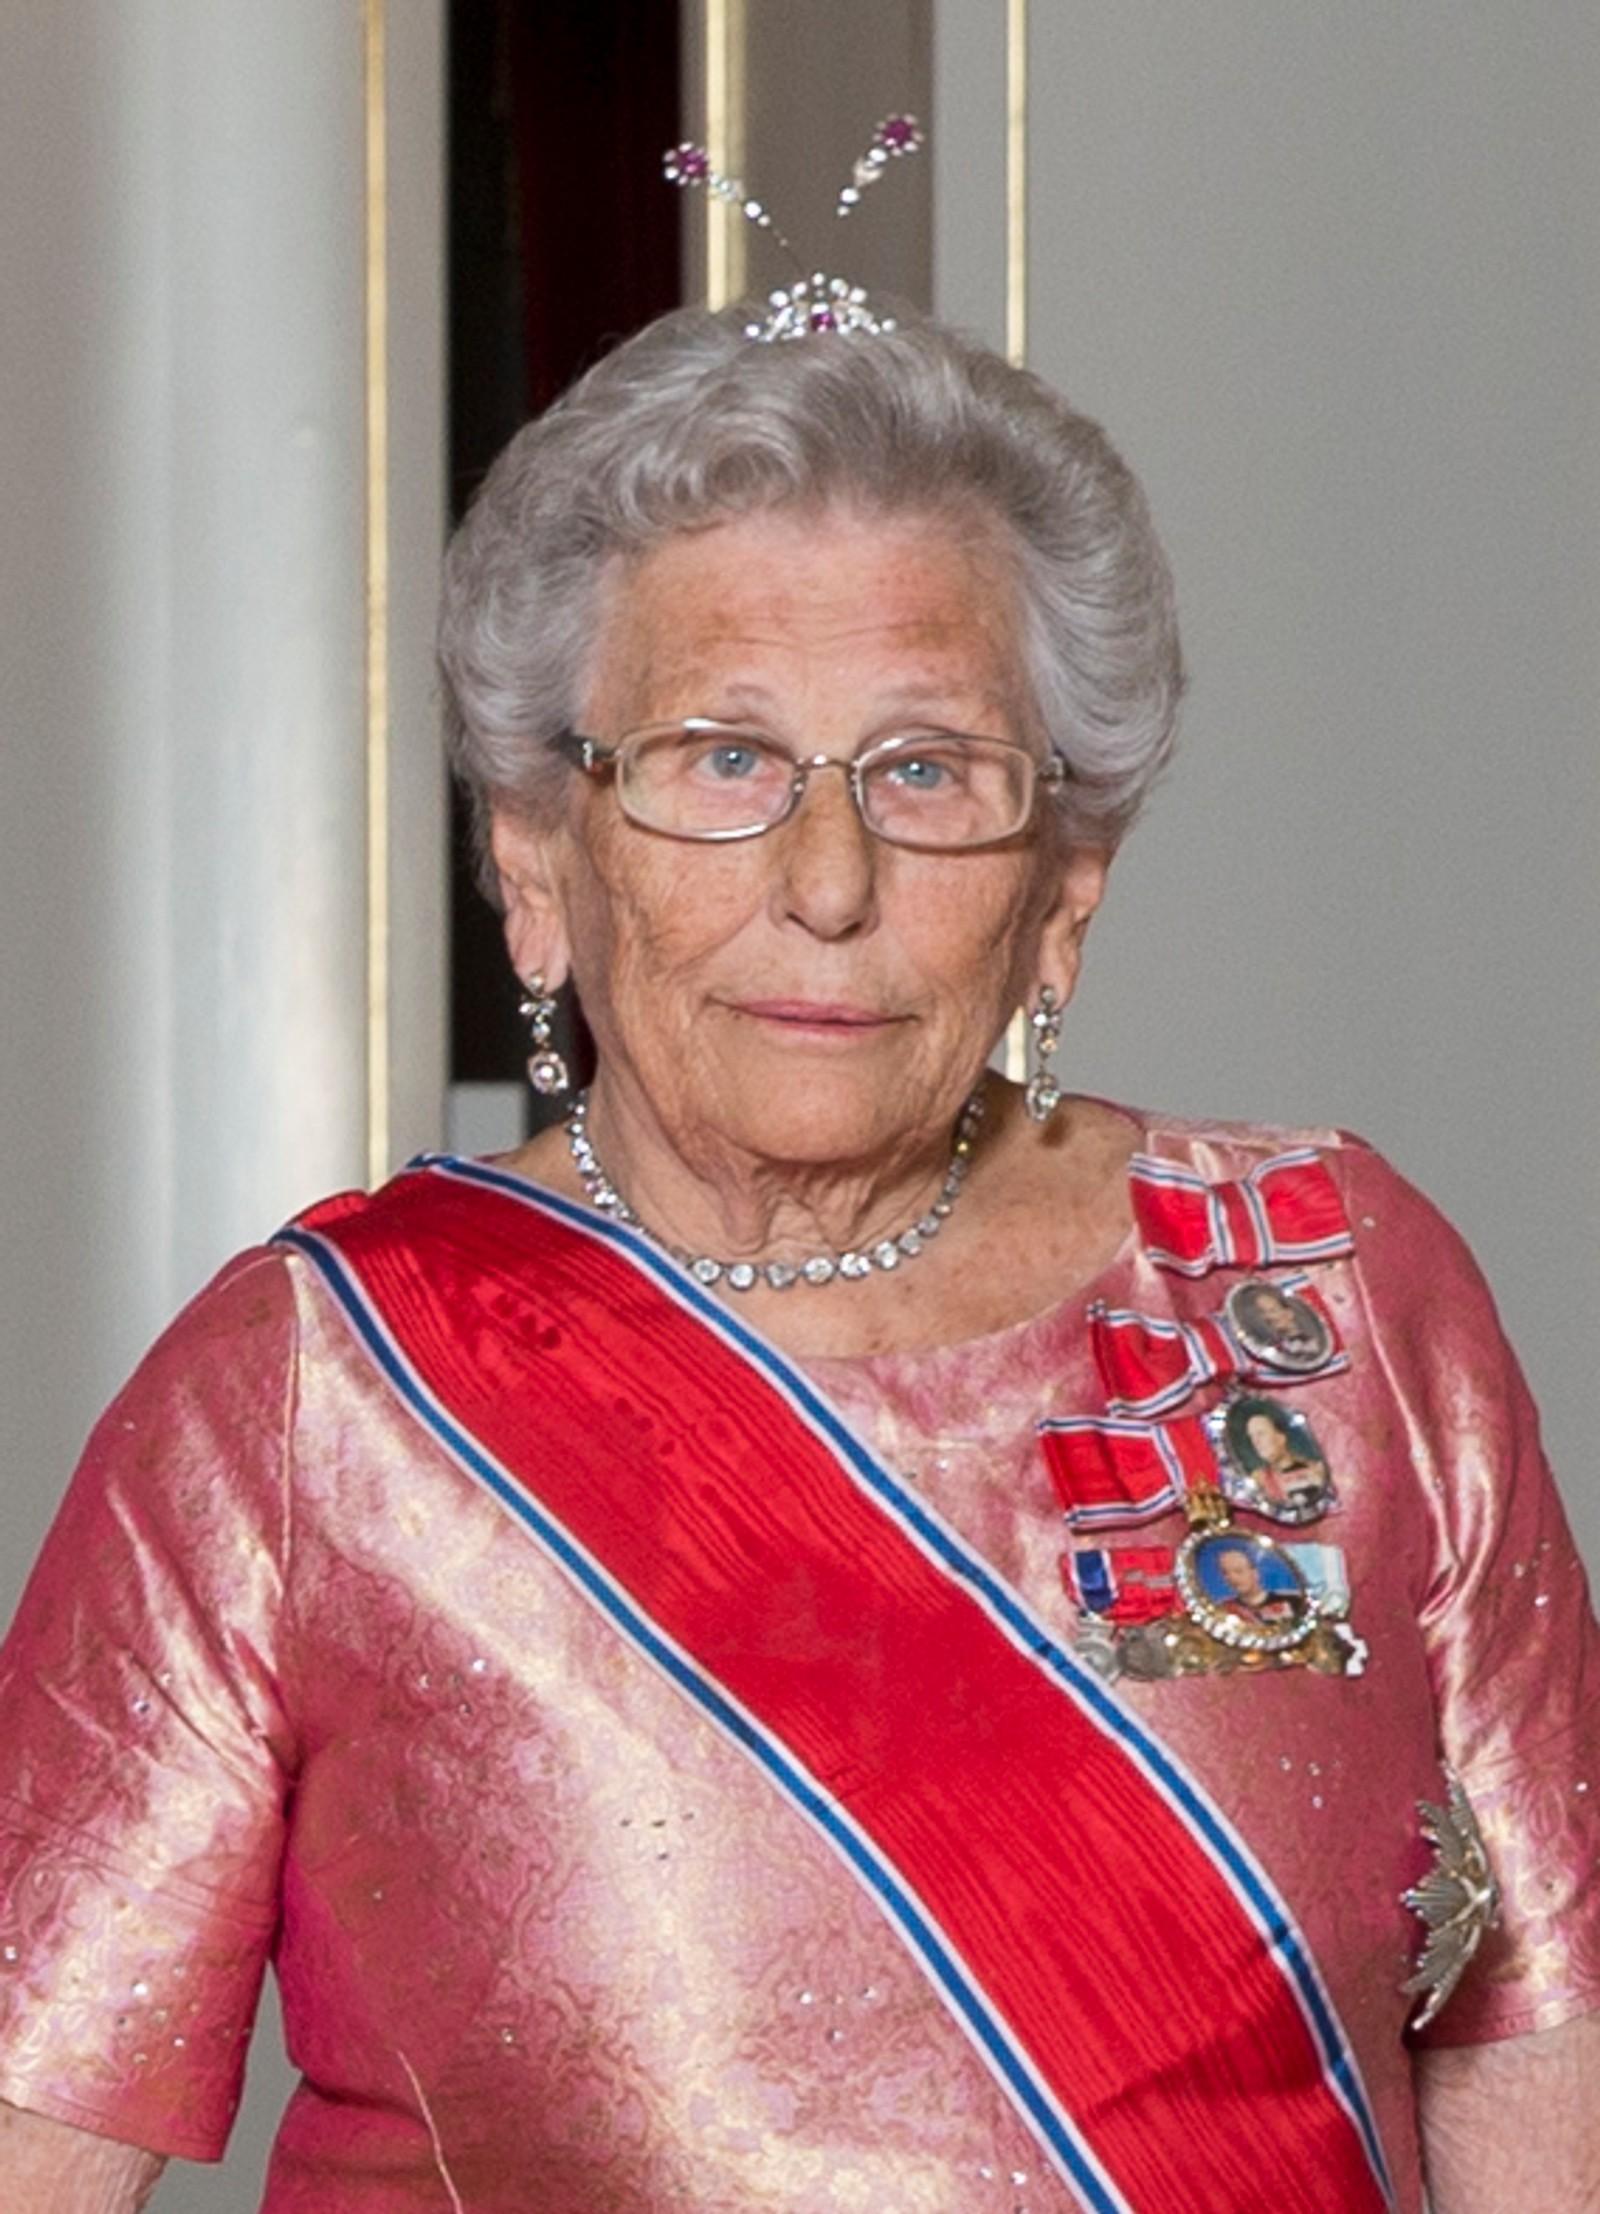 TRE KONGAR: Det er tre medaljar på prinsesse Astrids gallakjole. Ein for kvar konge ho har tent. Her på veg inn til stortingsmiddag på Slottet i 2015.